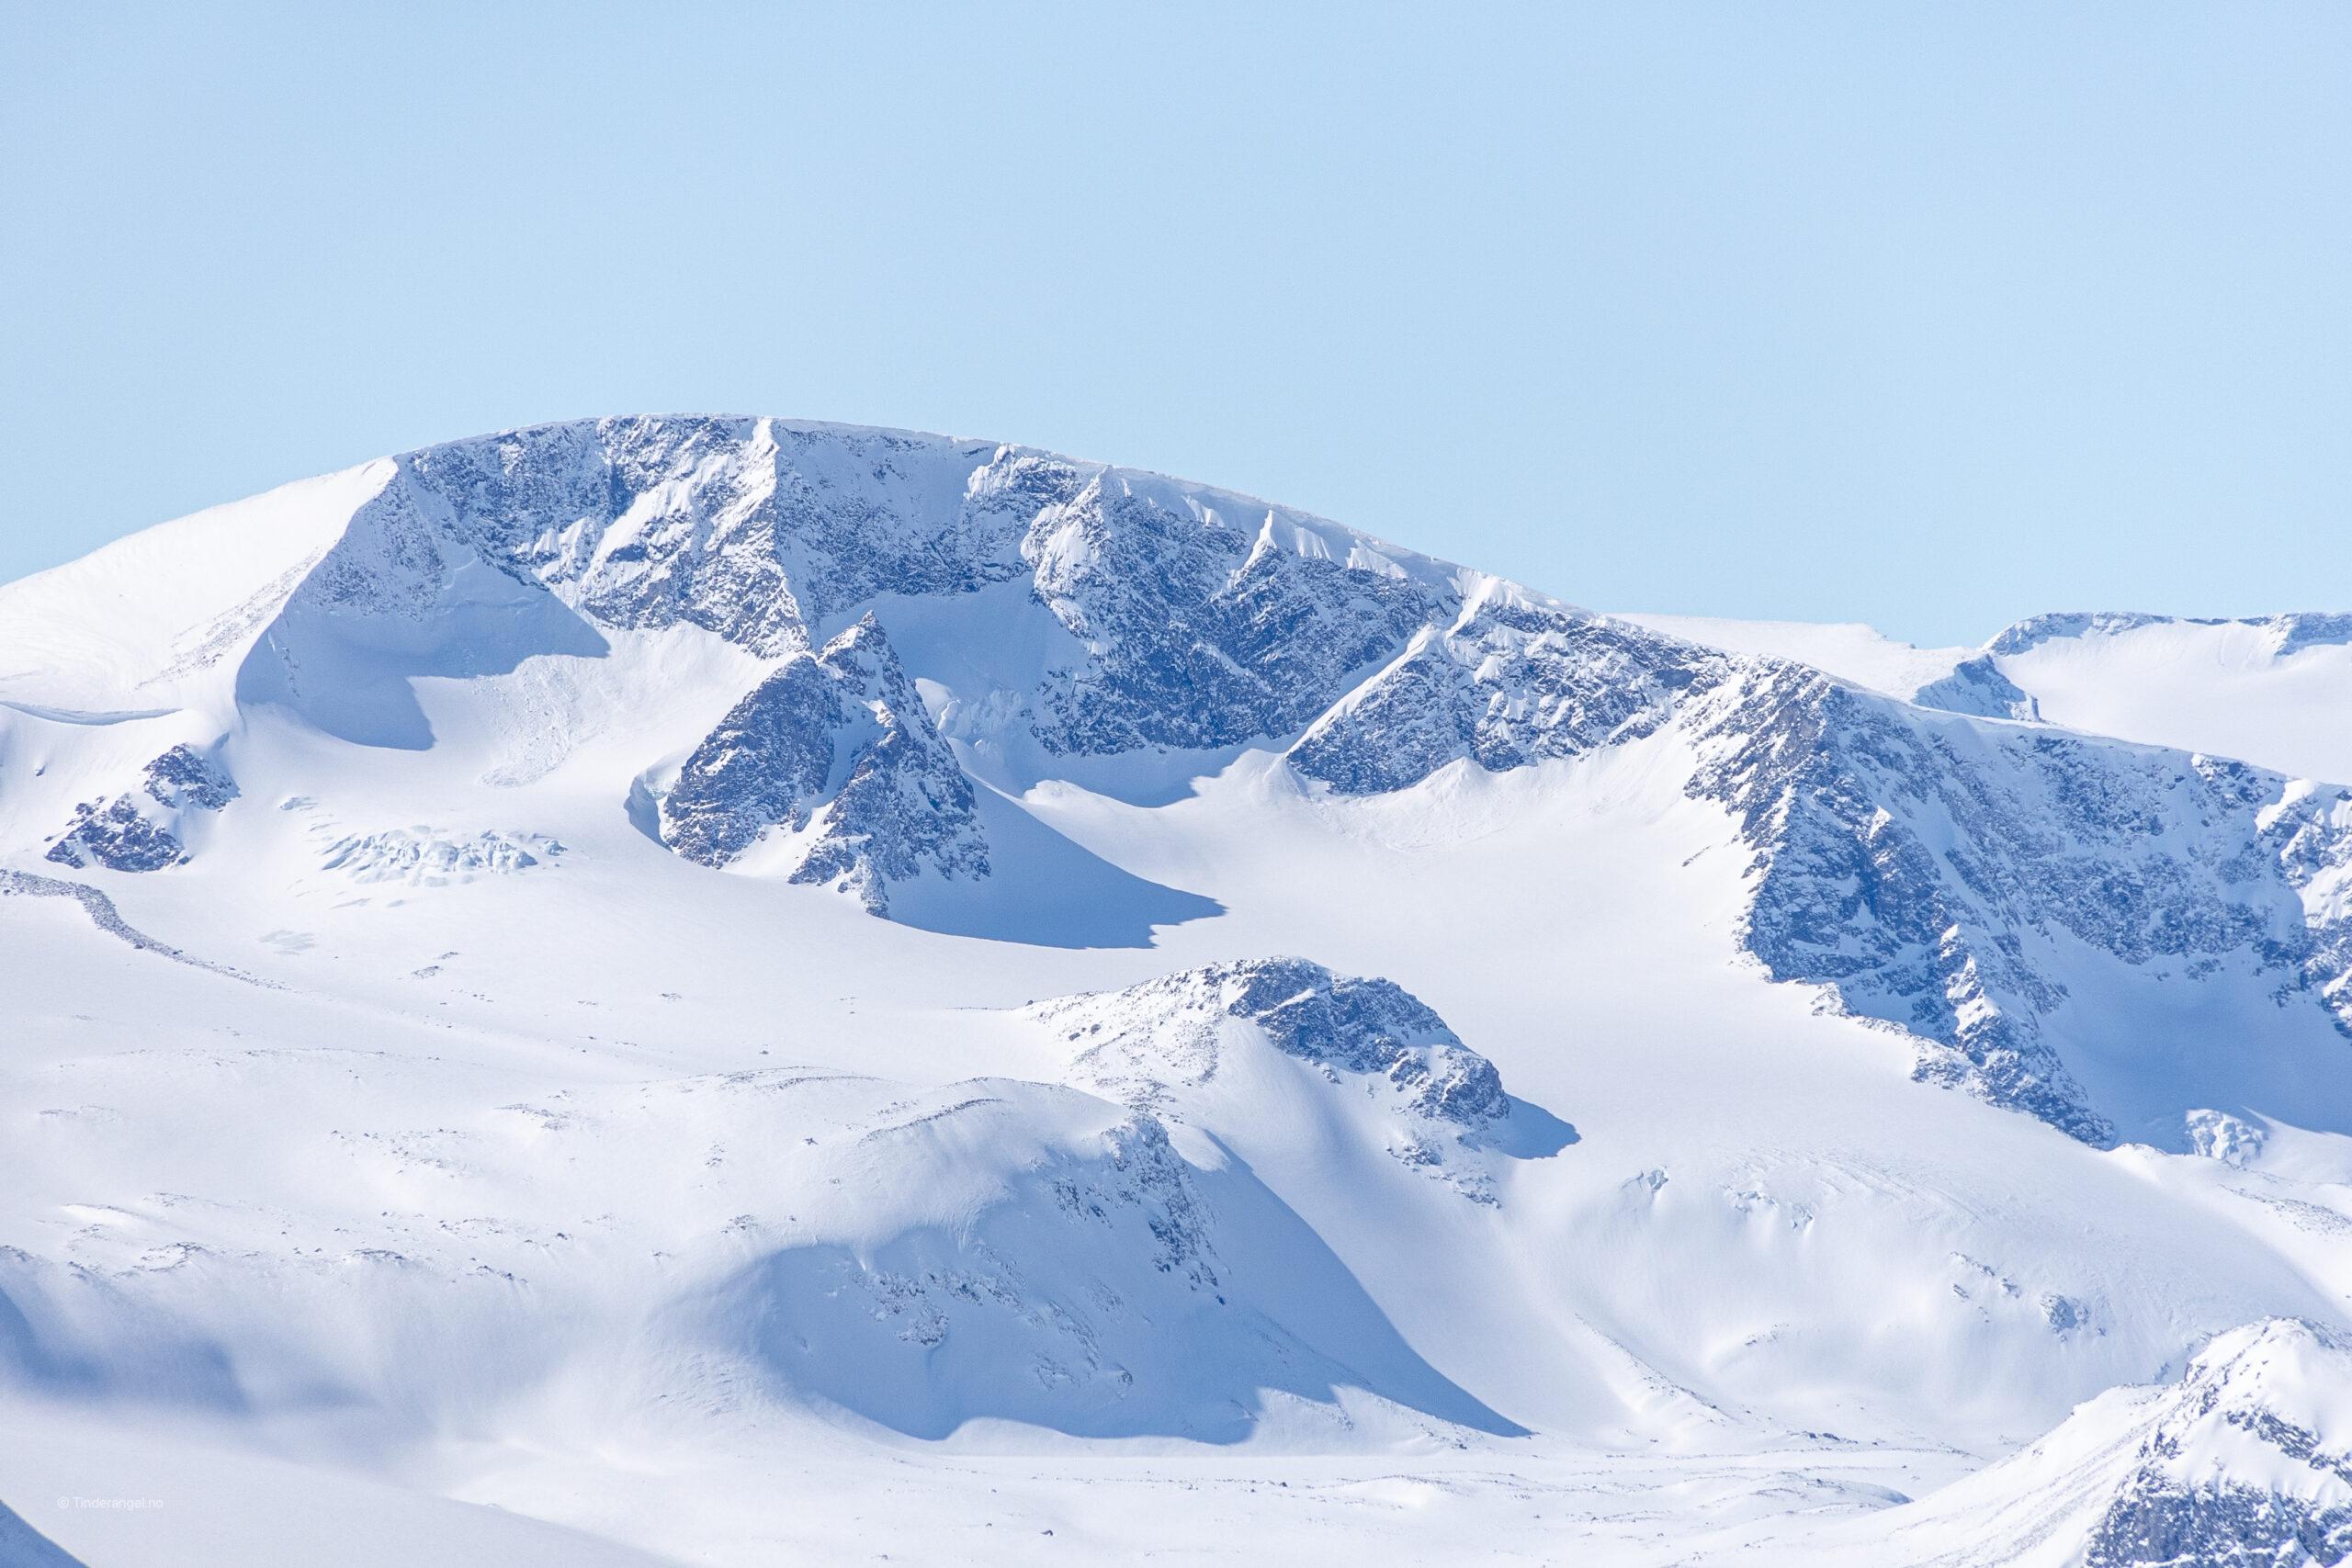 Leirhøe har sin vakreste side sett fra øst, med bratte stup ned mot Veobrean og Veobreahesten.